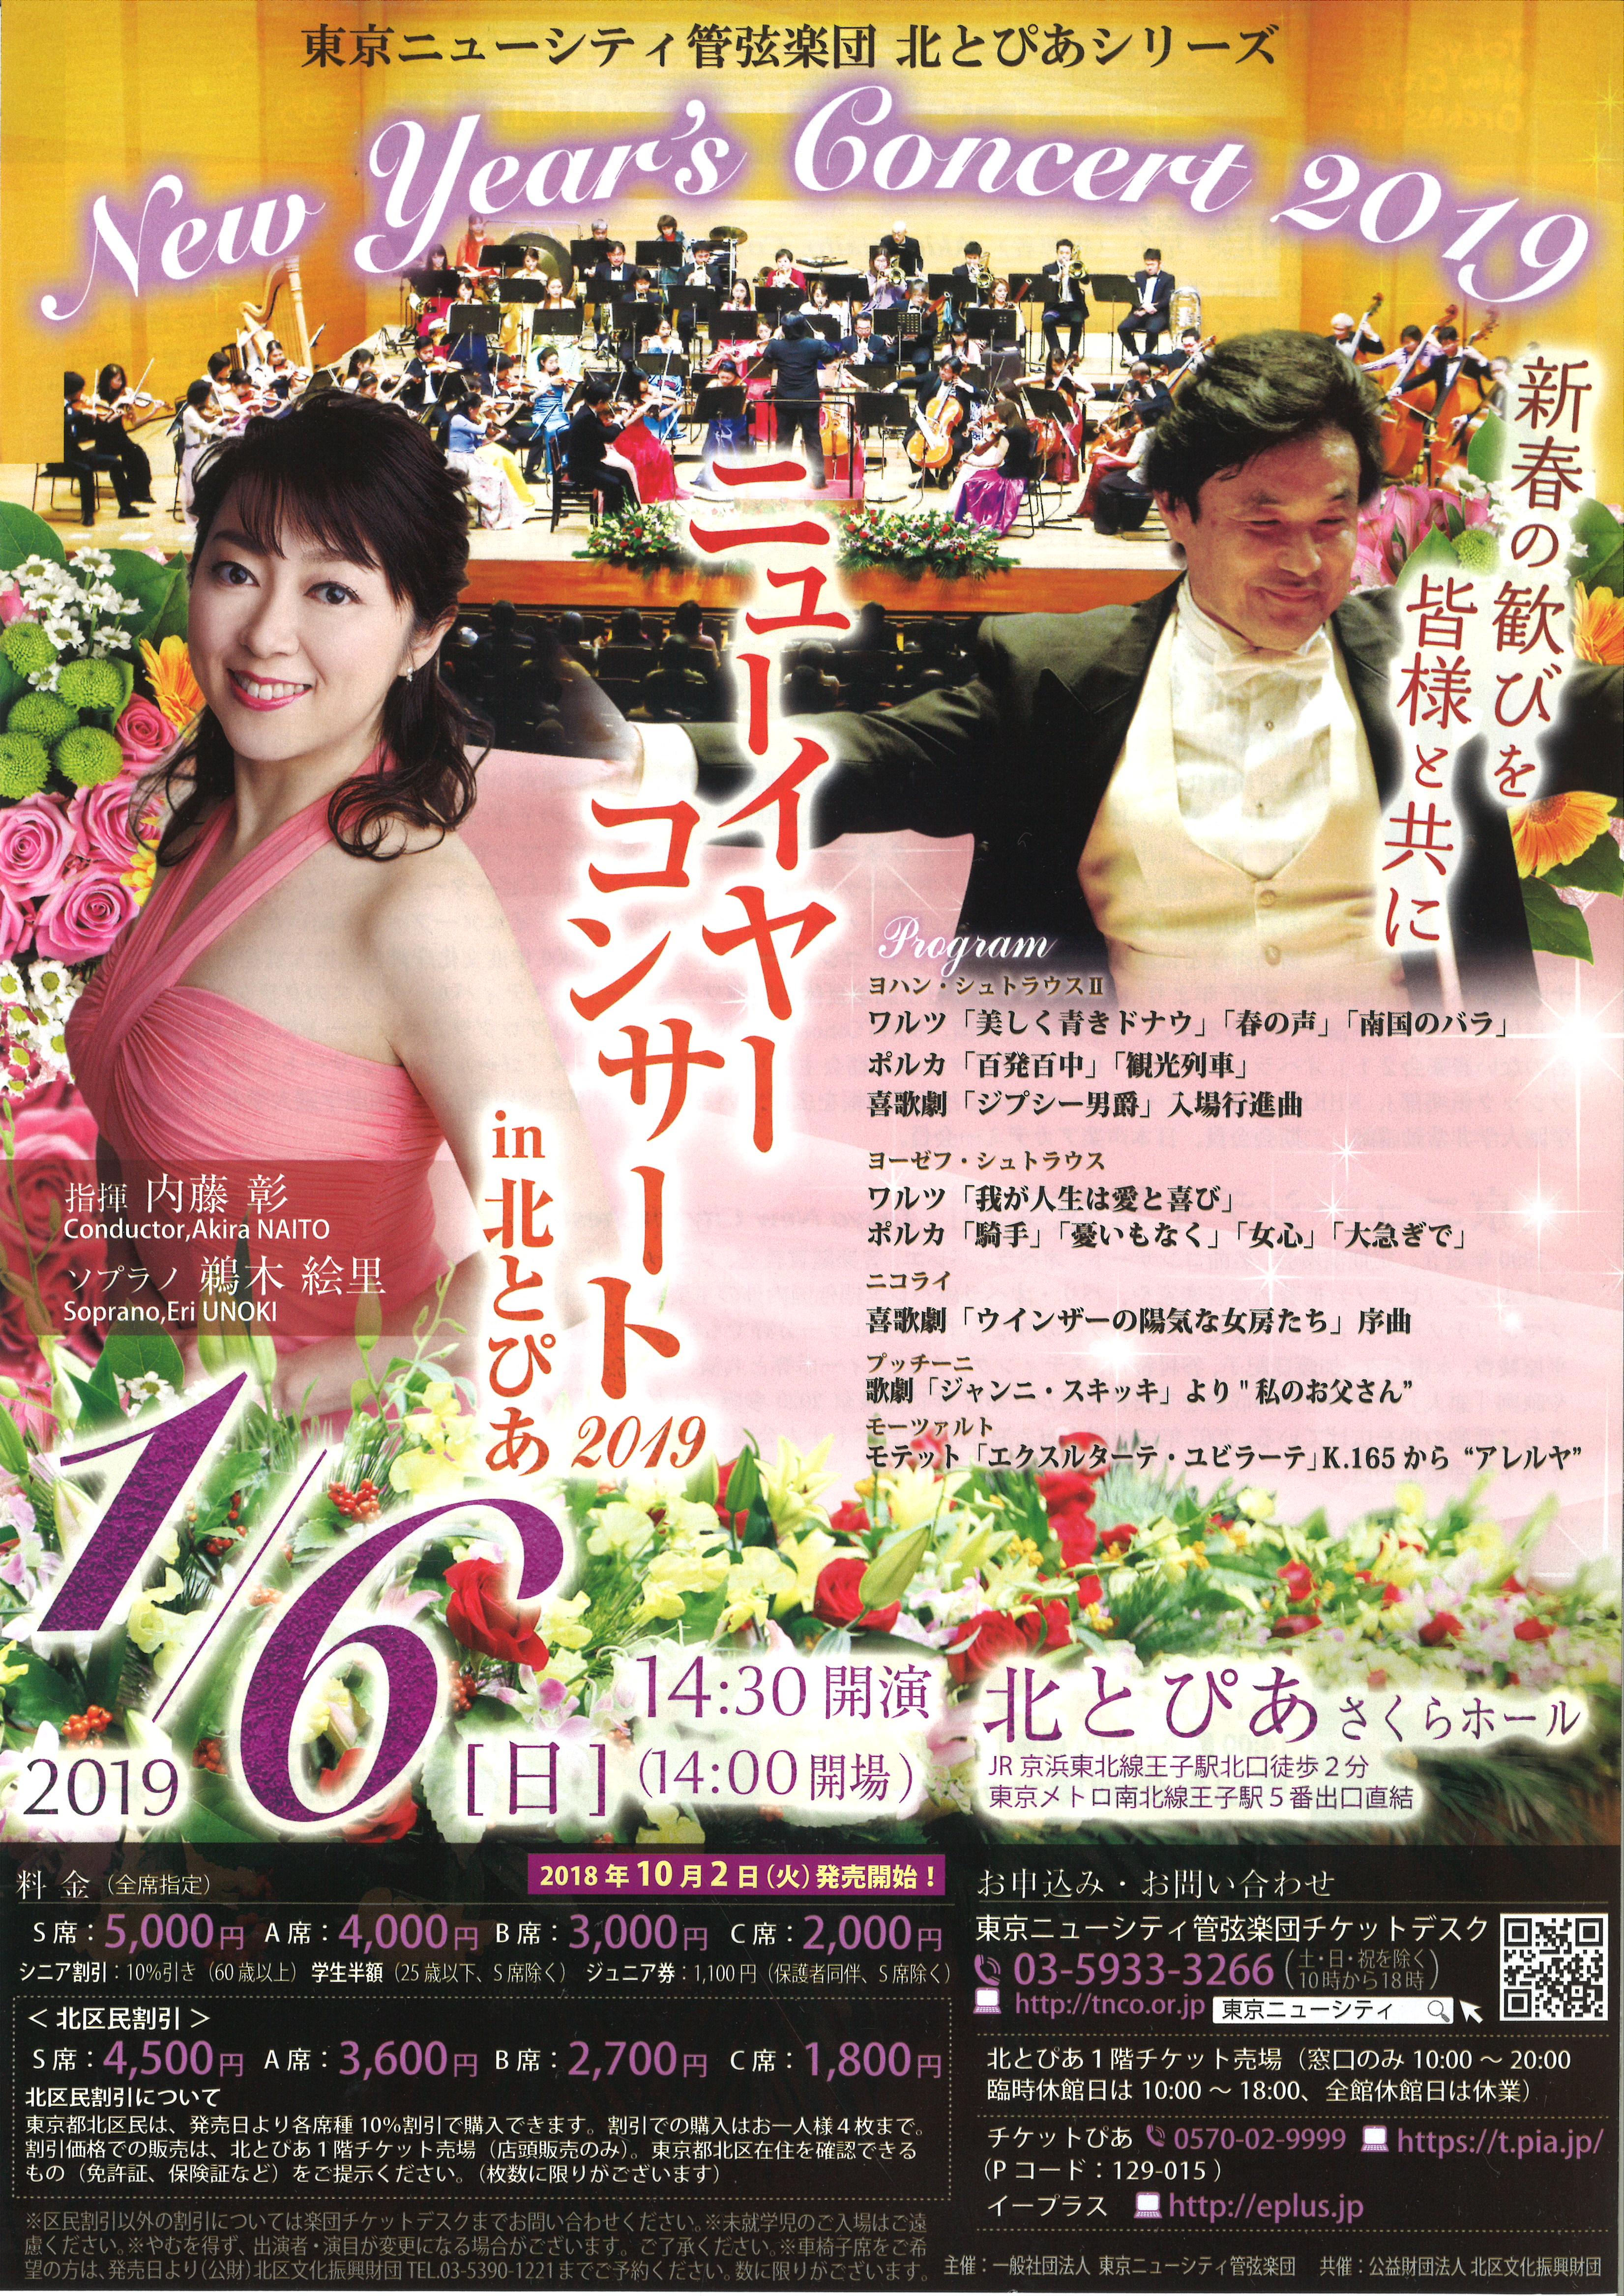 東京ニューシティ管弦楽団 ニューイヤーコンサート2019の画像